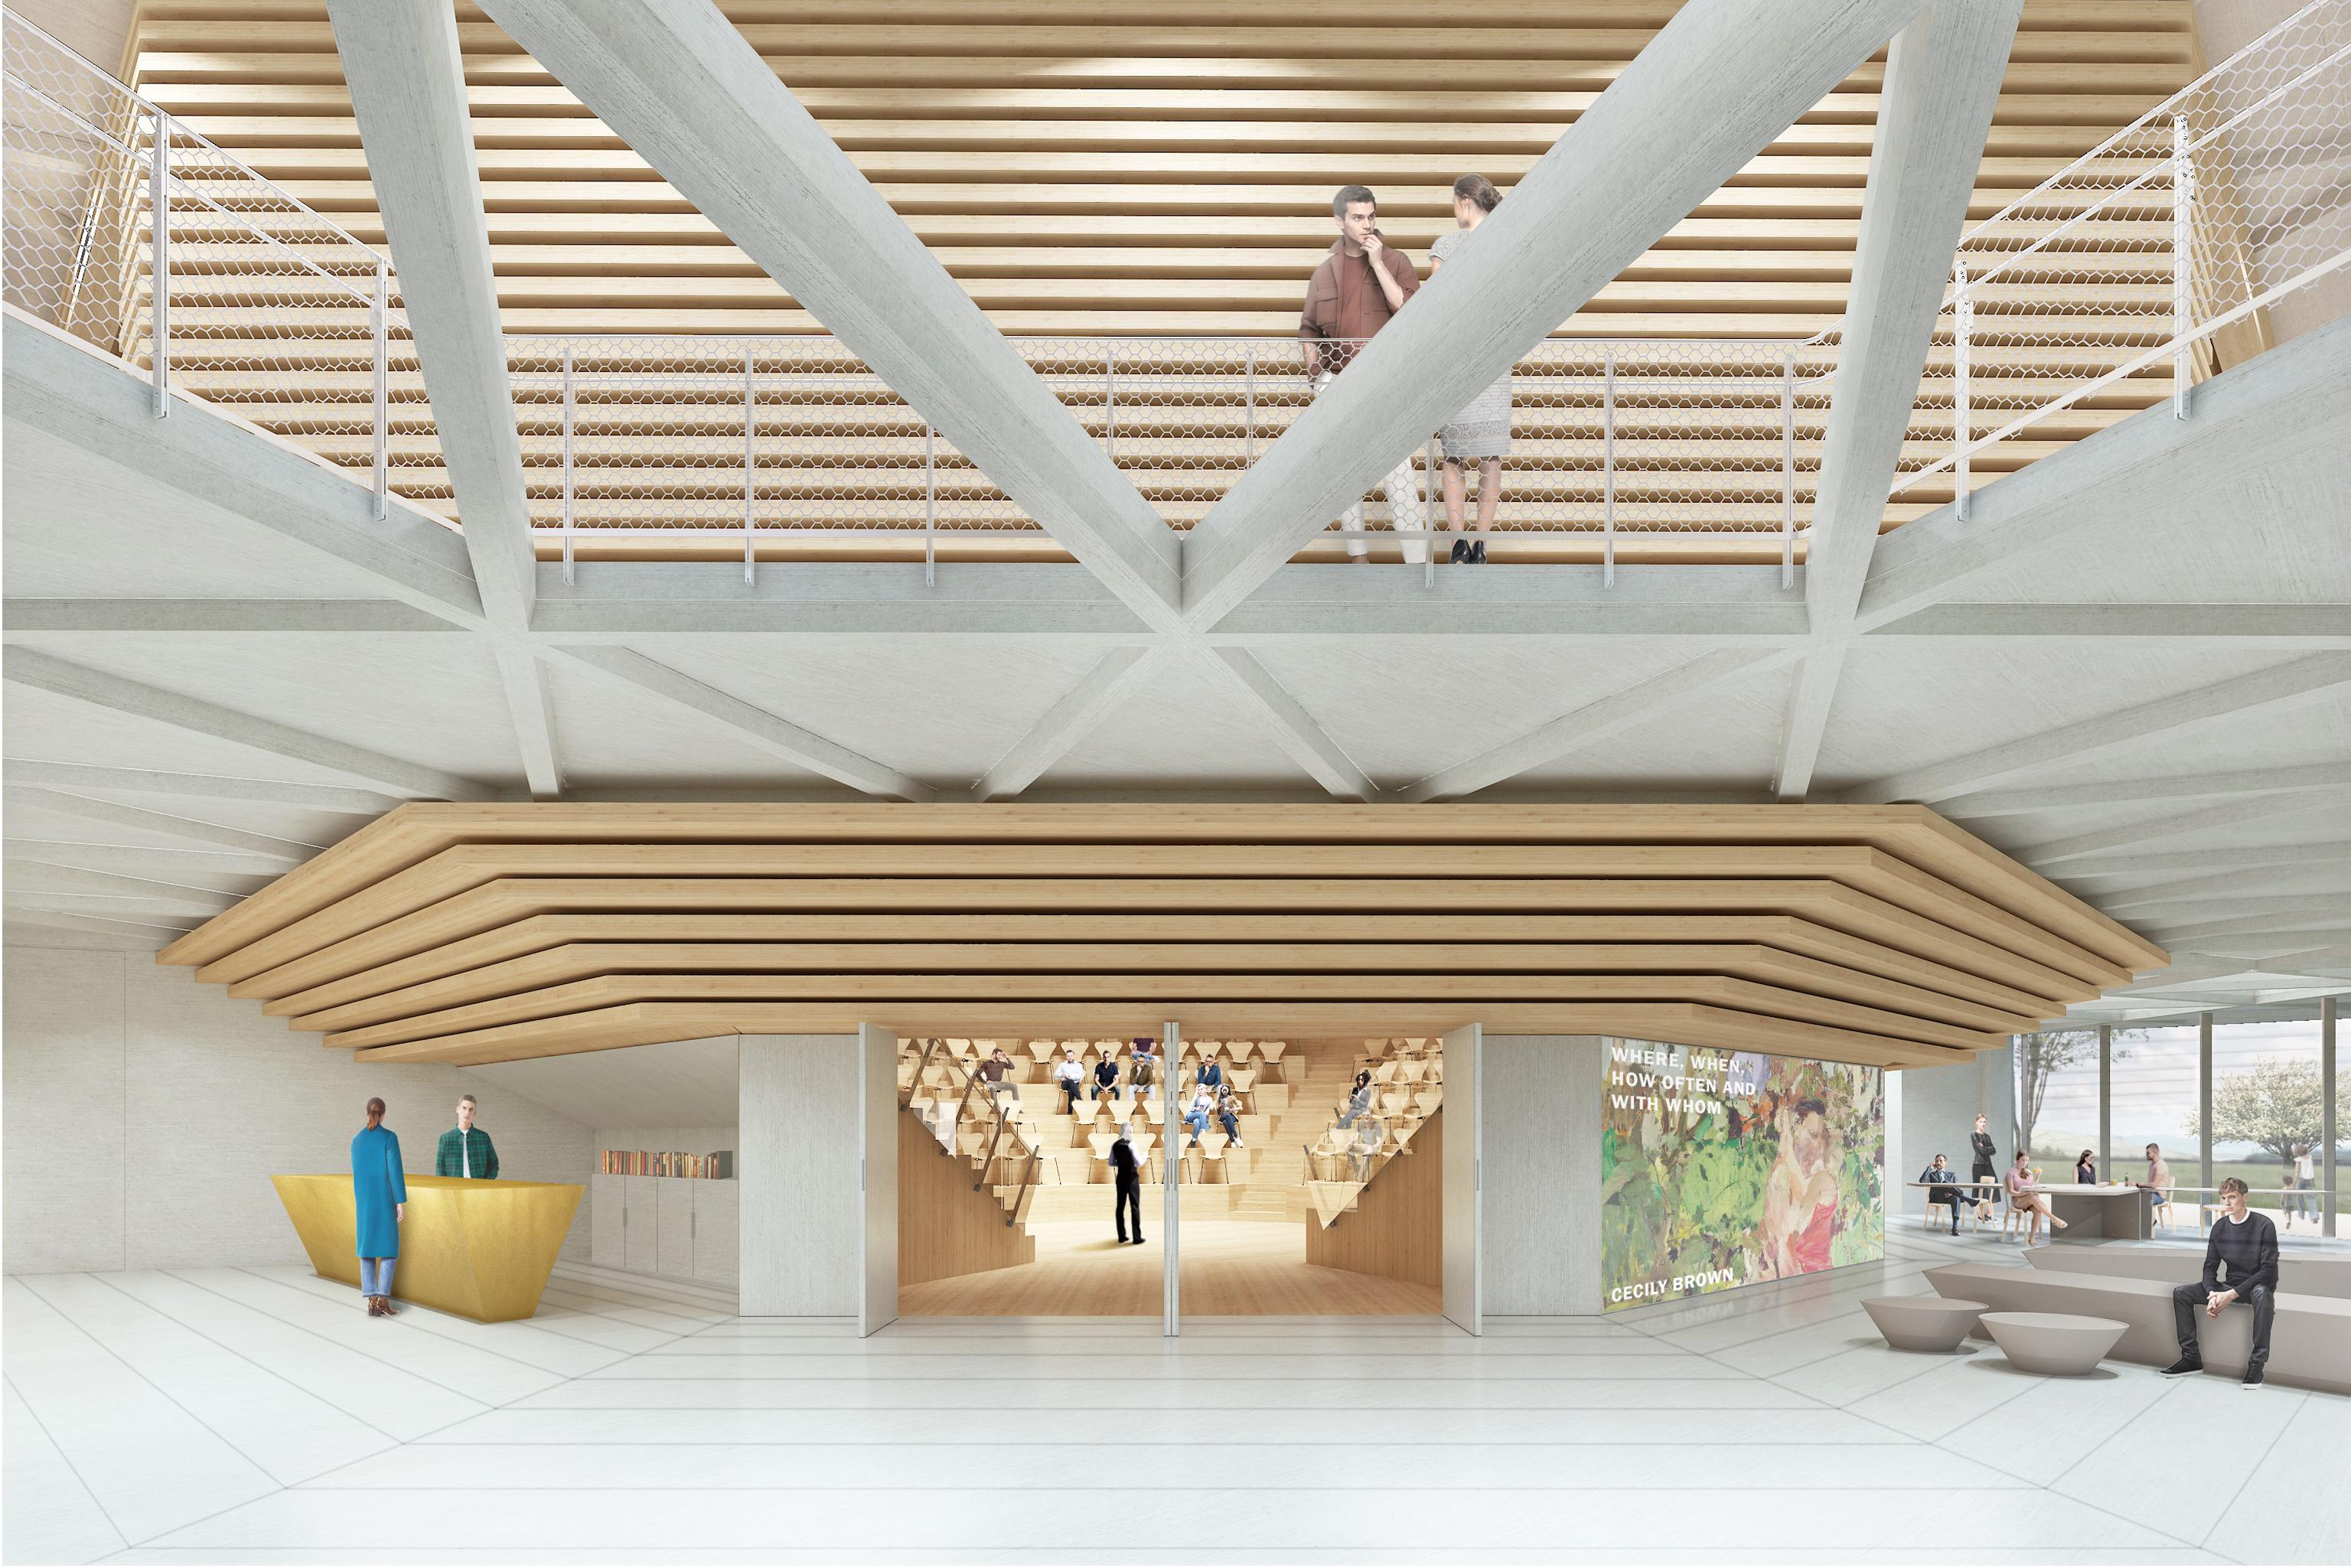 Cultural Centre Kiosco2 zU-studio architecture 08